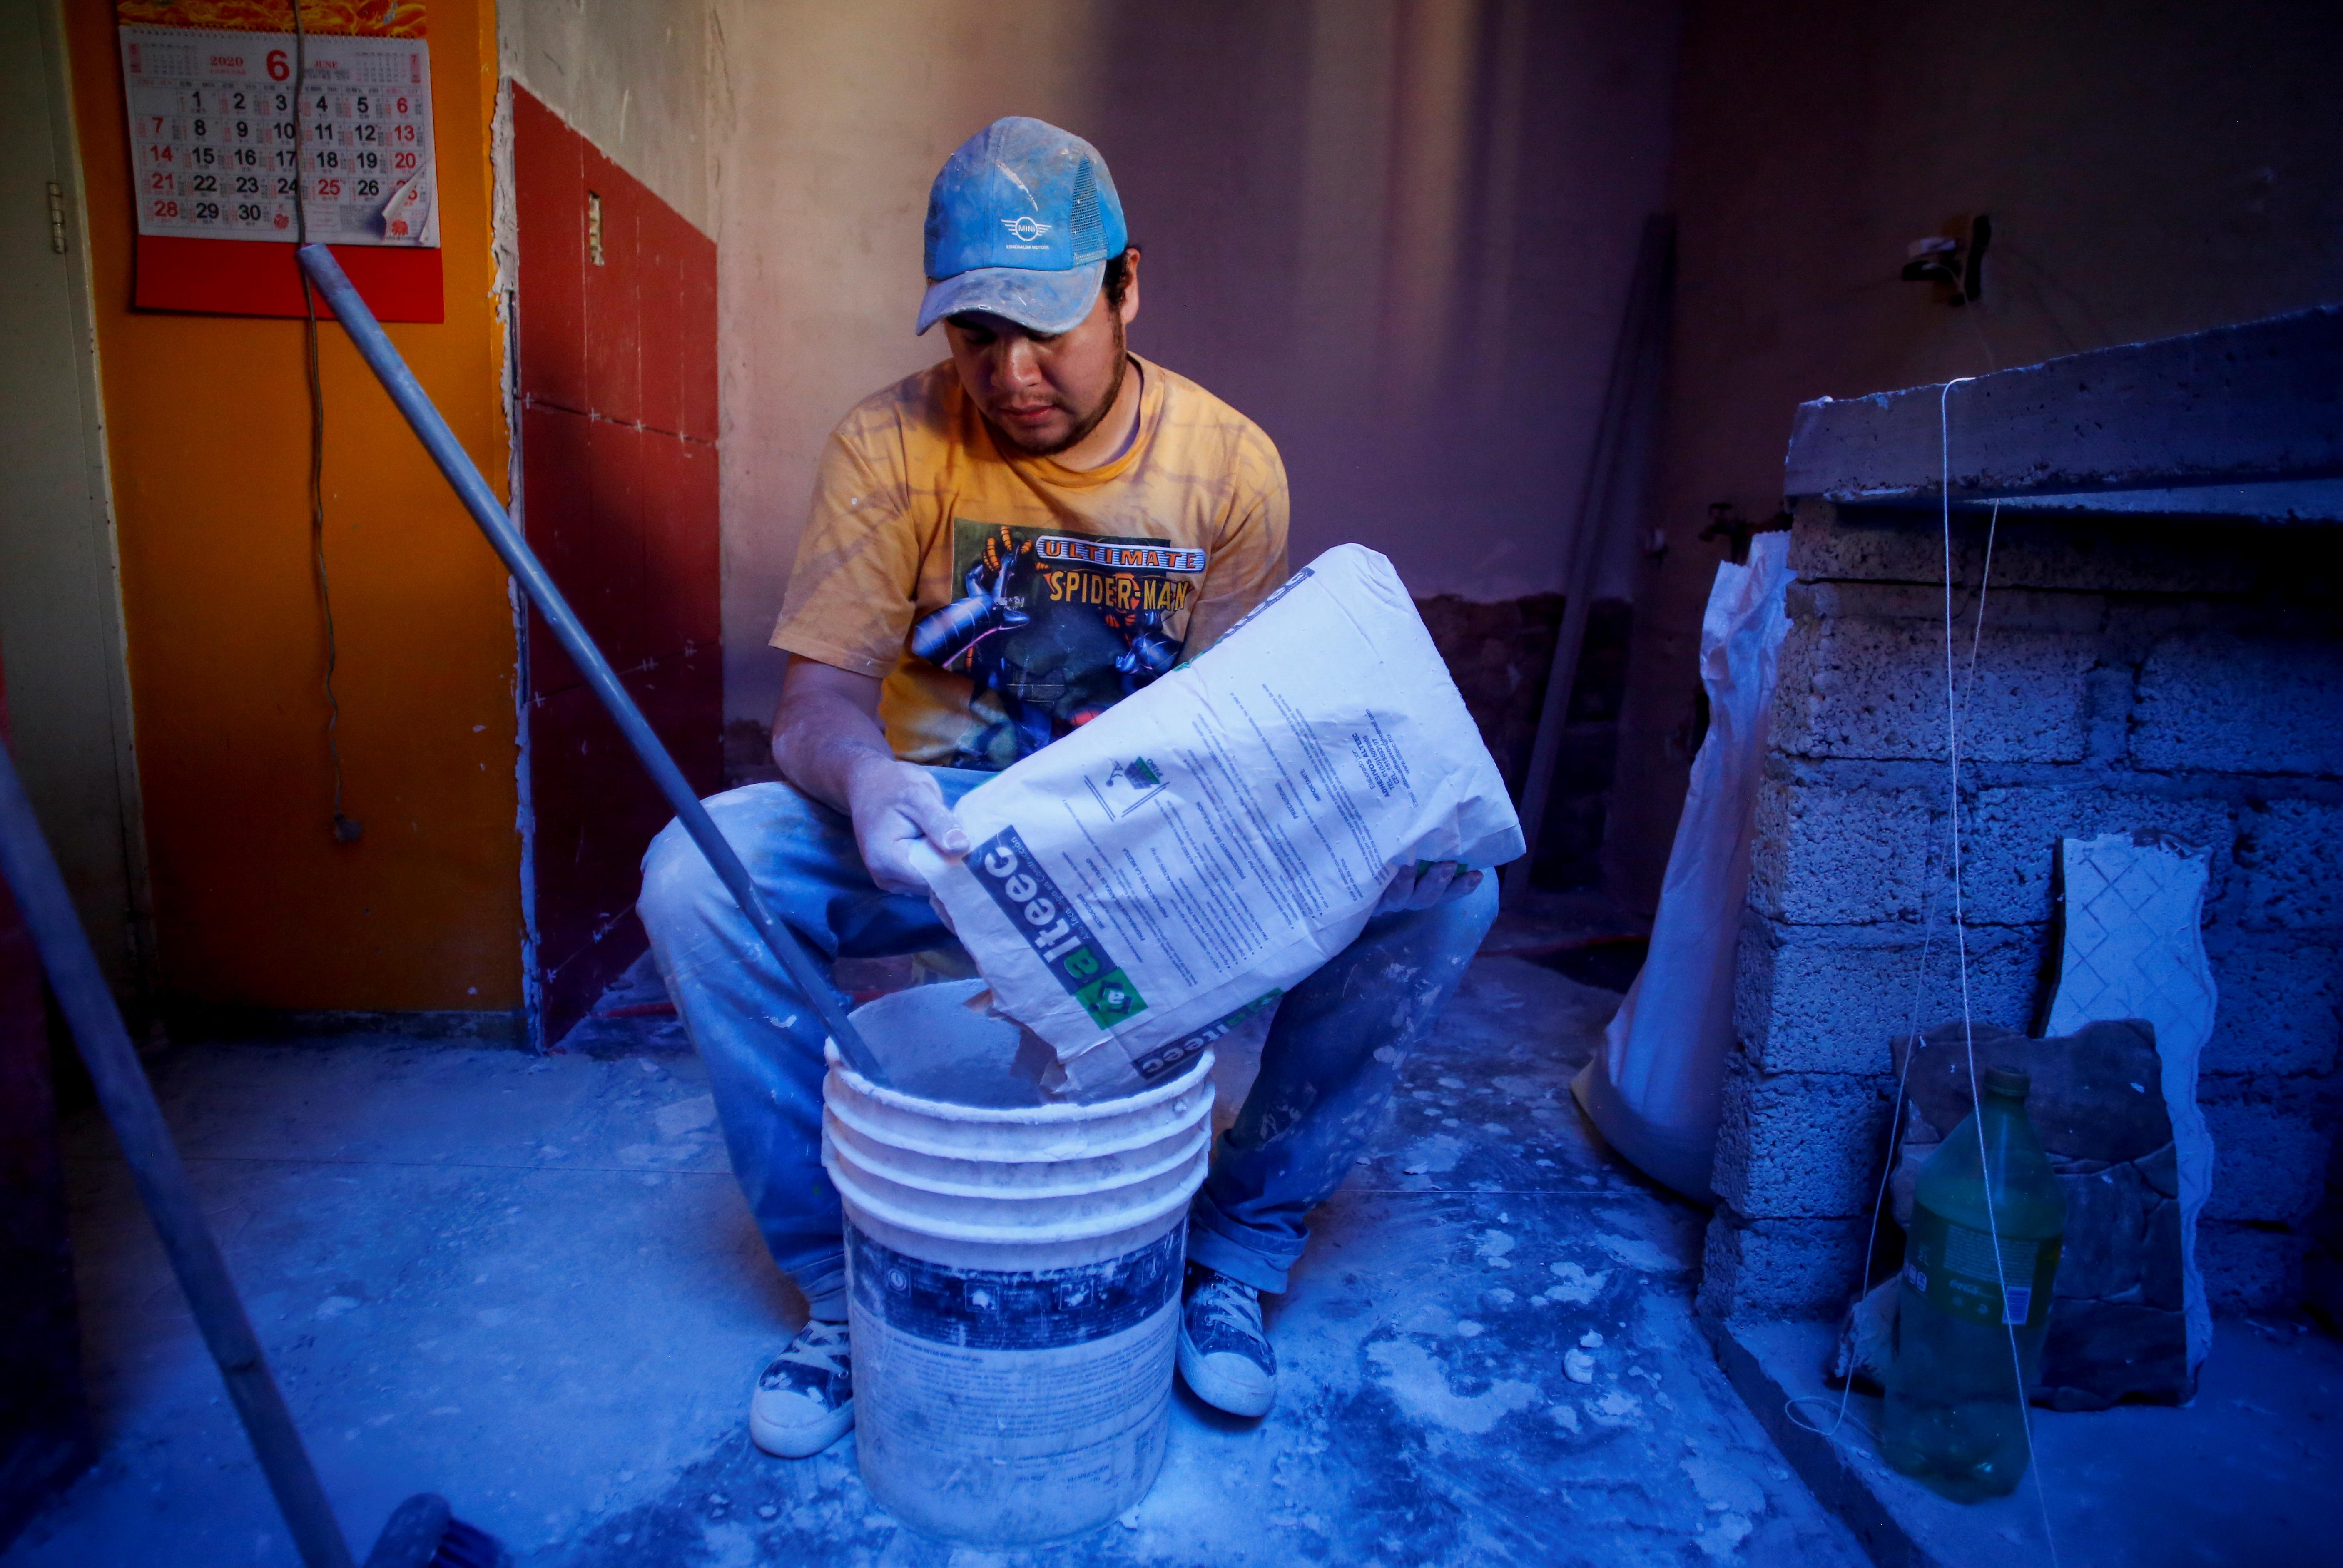 Miguel Flores Torres vierte cemento mientras remodela una casa en Villa Olímpica, Ciudad de México, México, 17 de junio de 2020. Foto: REUTERS / Gustavo Graf.